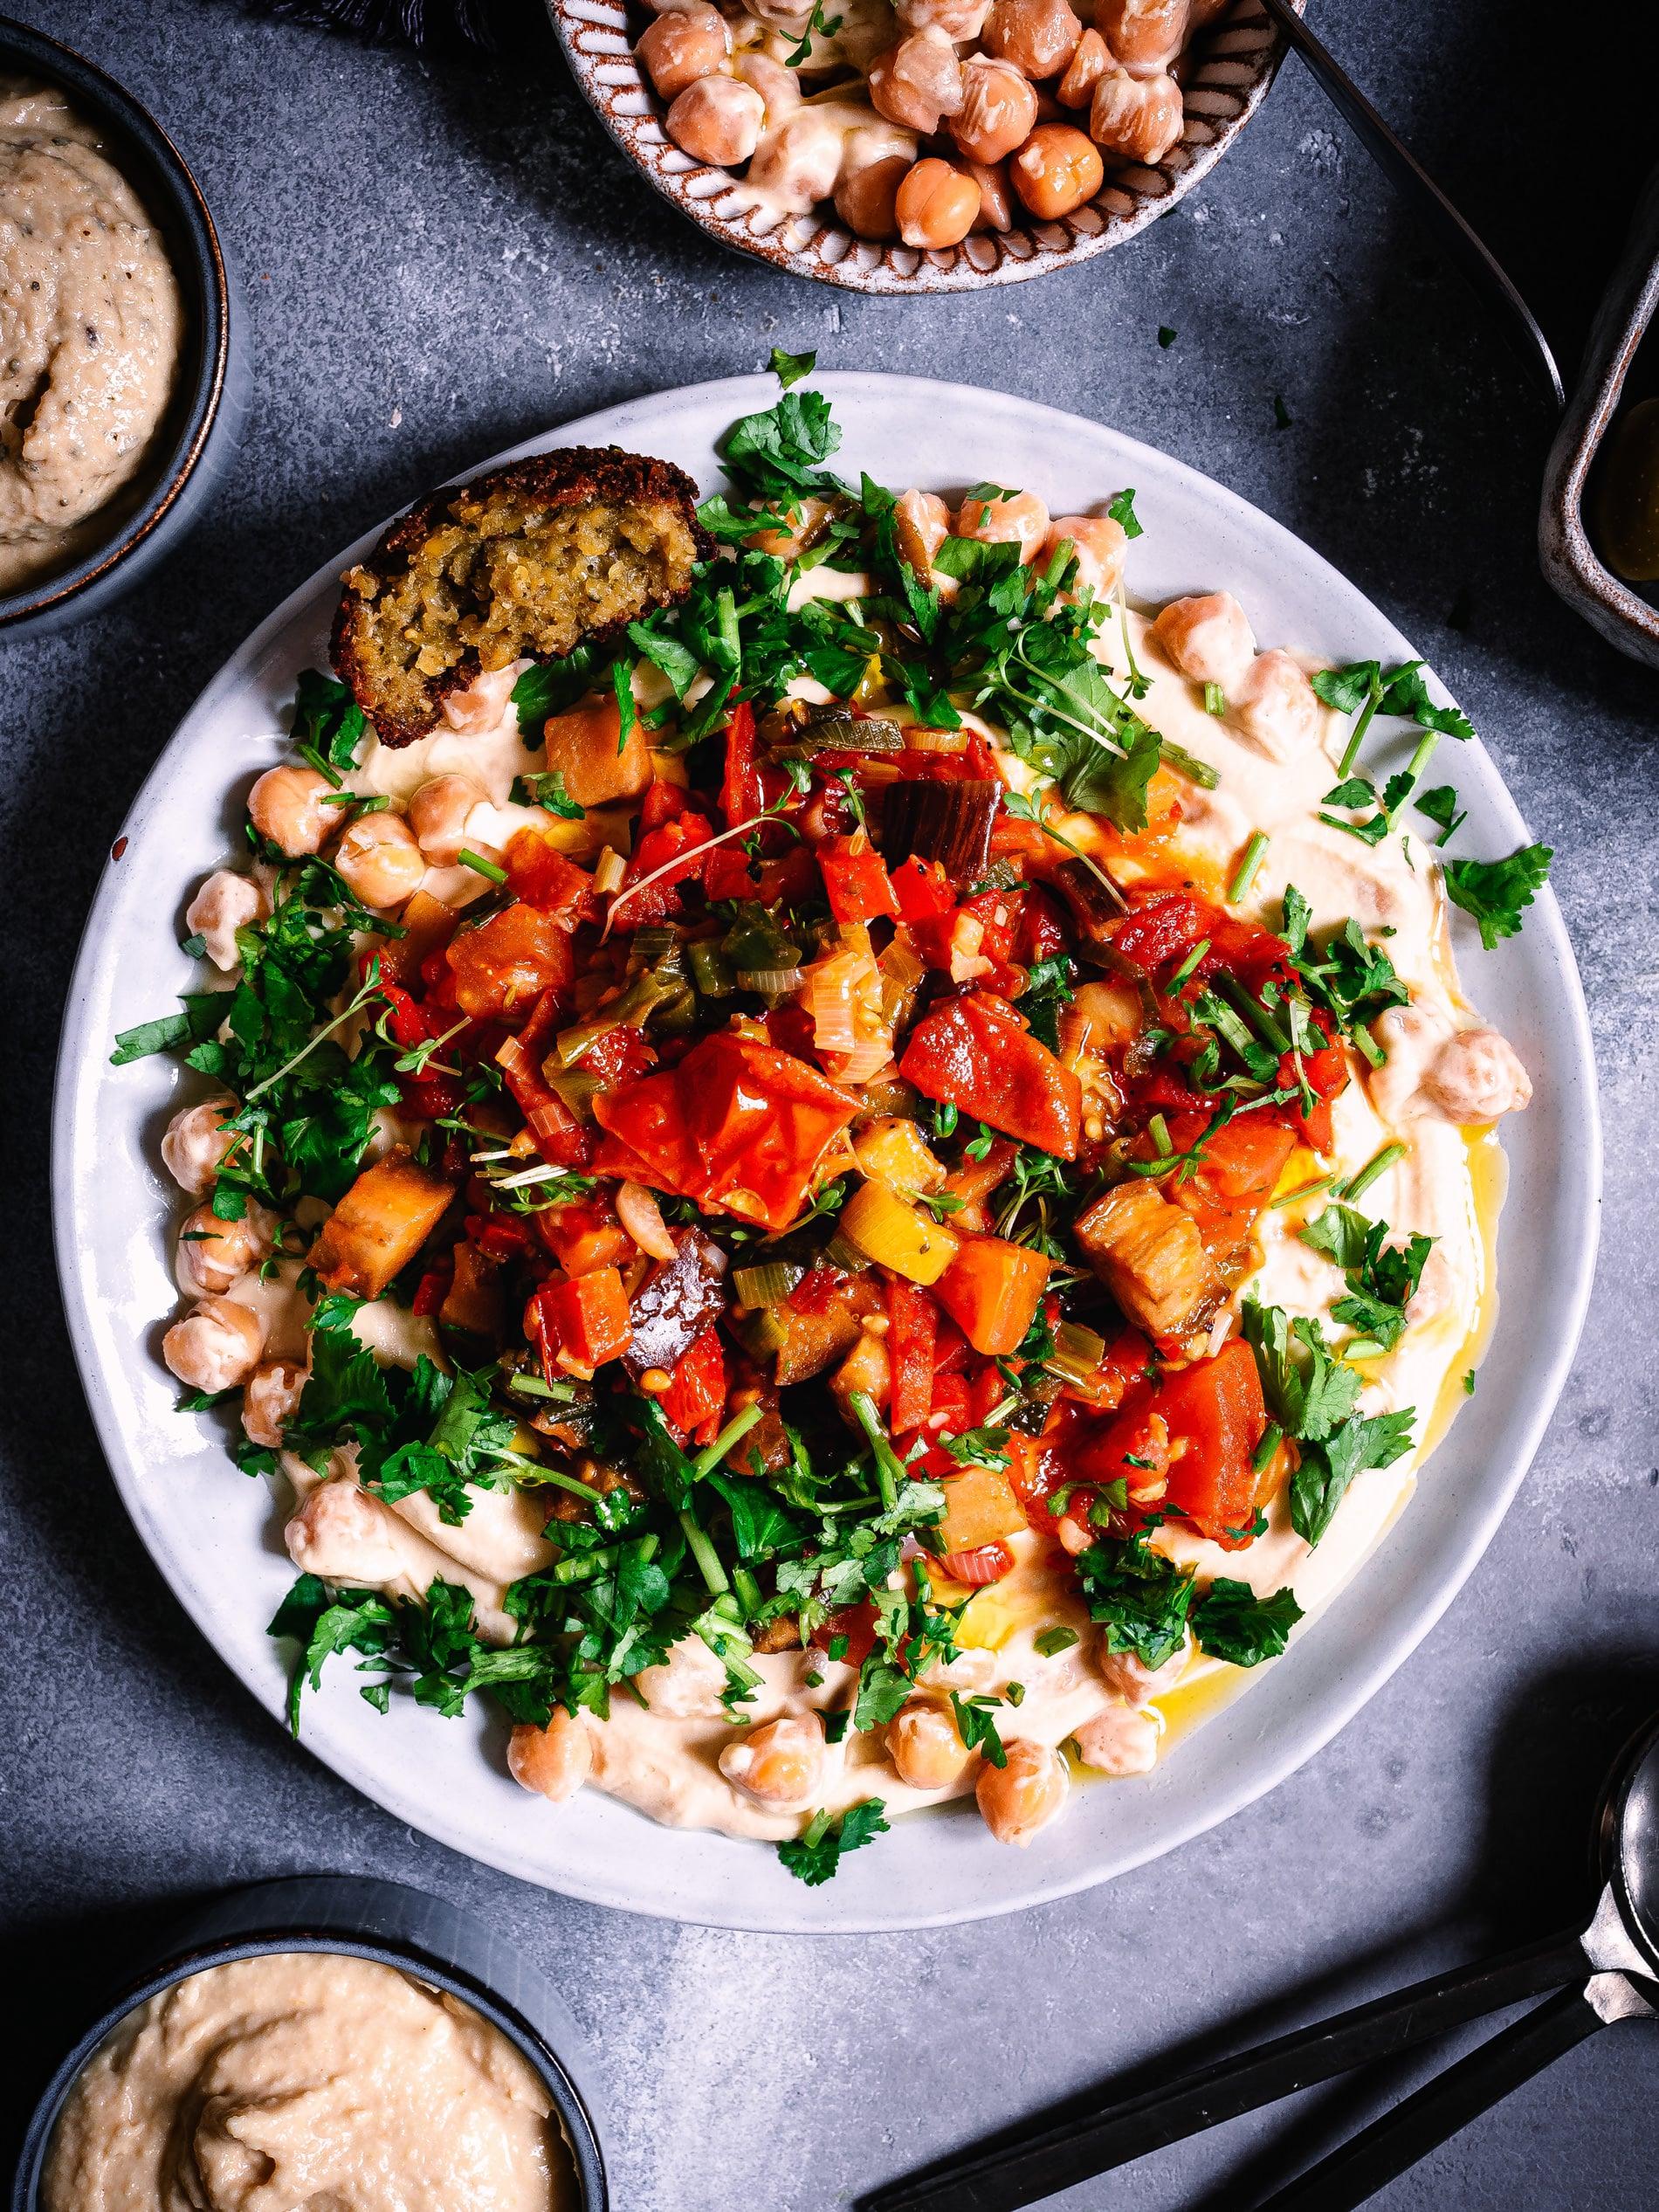 Food Fotografie von Stephanie Morfis autorin von Happy Mood Food, dem veganen Foodblog für mehr Selbstliebe